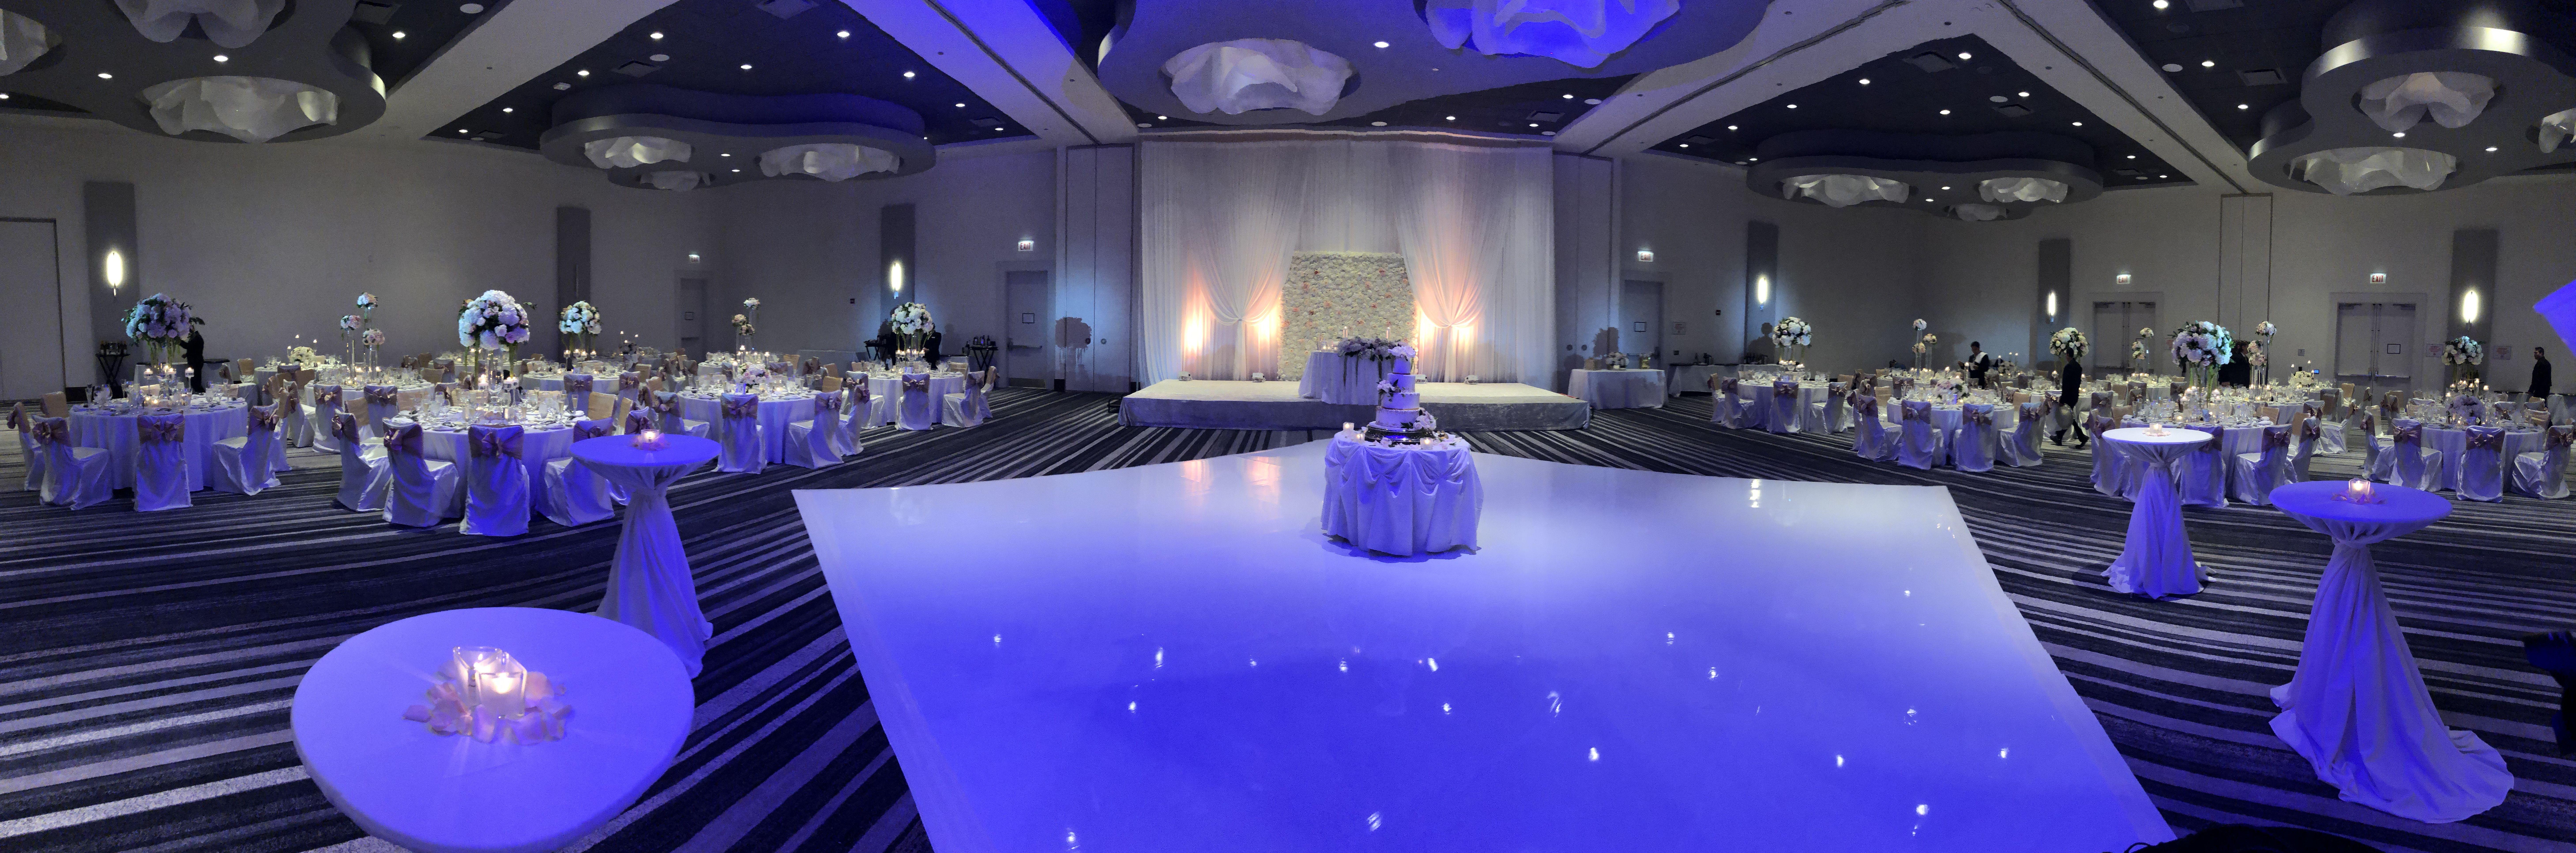 Luxury Wedding In Chicago In 2020 Chicago Wedding Wedding Dj Luxury Wedding Cake